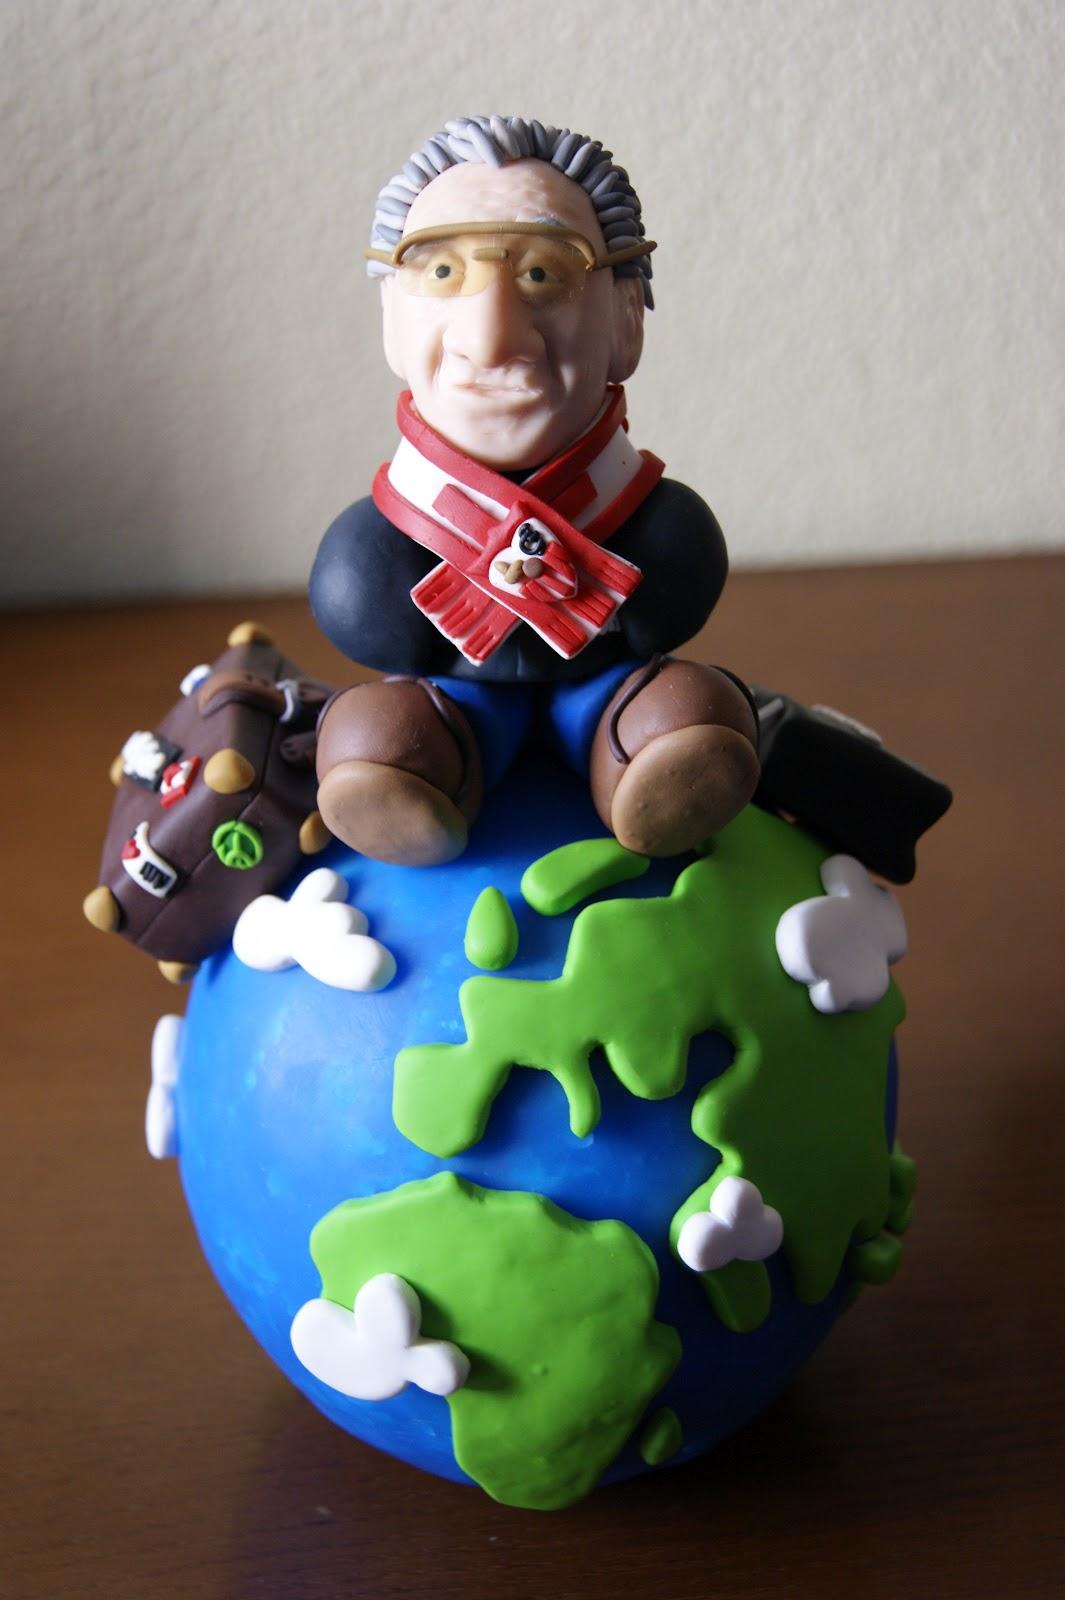 Fimoteando figura fimo hombre y bola del mundo - Bola del mundo decoracion ...